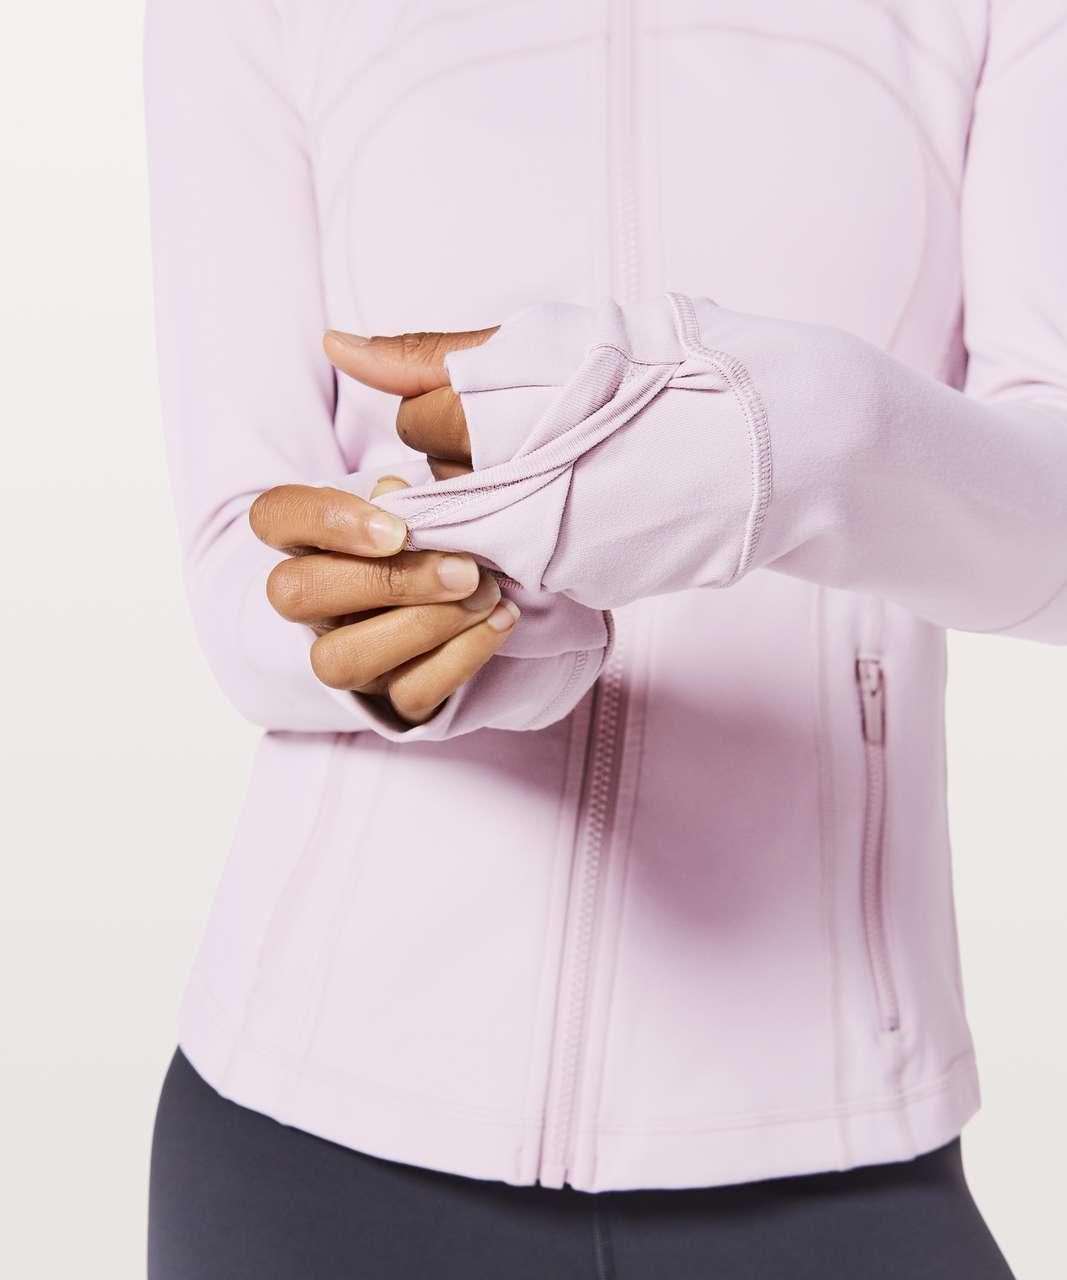 Lululemon Define Jacket - Porcelain Pink (First Release)